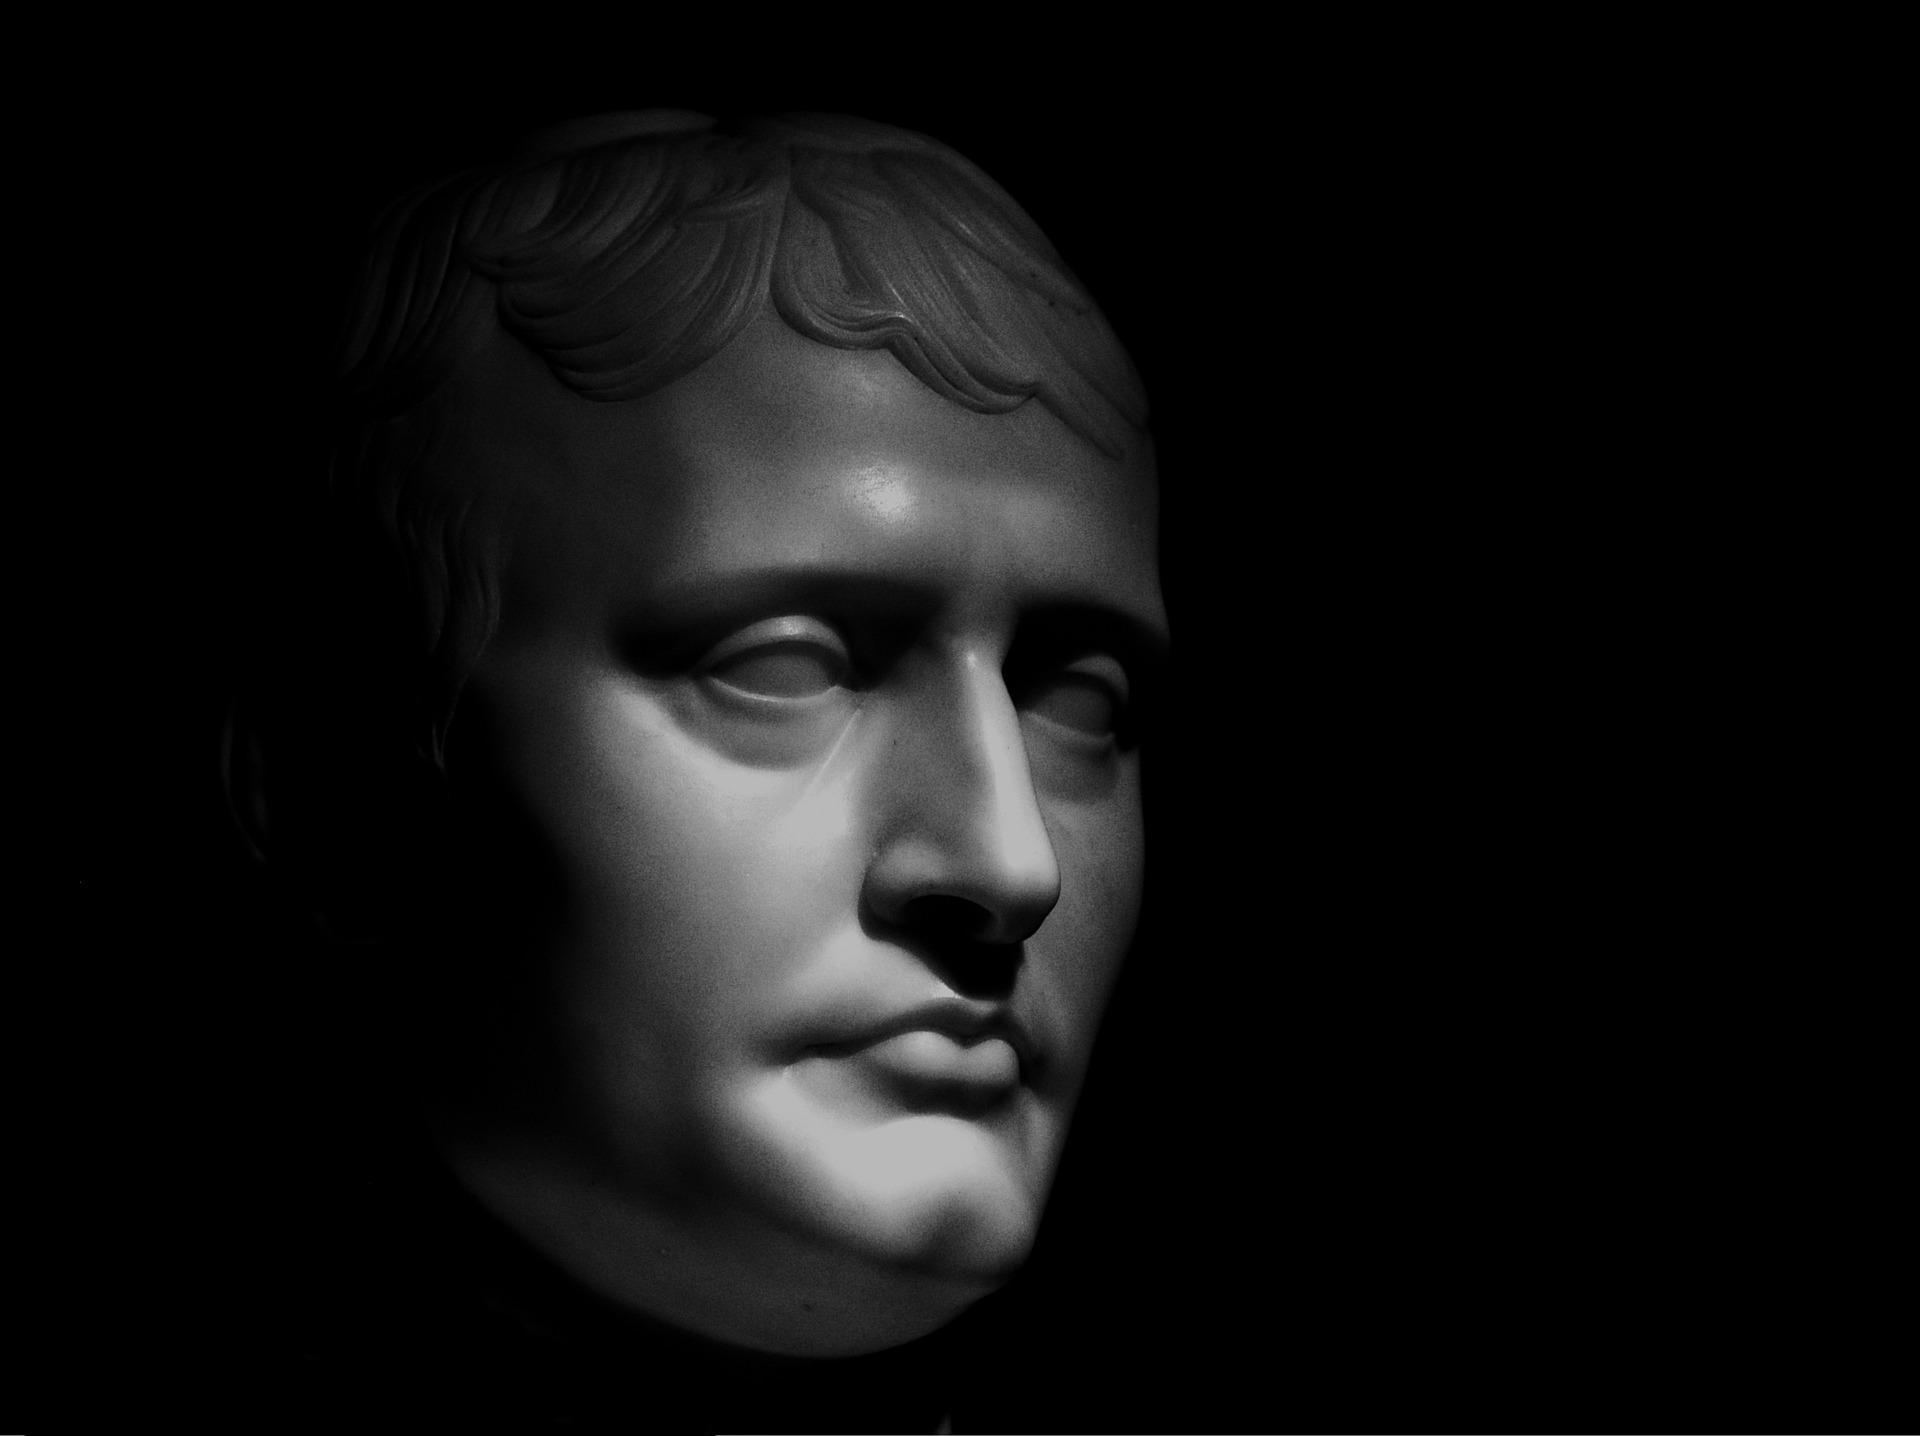 face 654122 1920 - Napoléon n'a jamais existé : les preuves